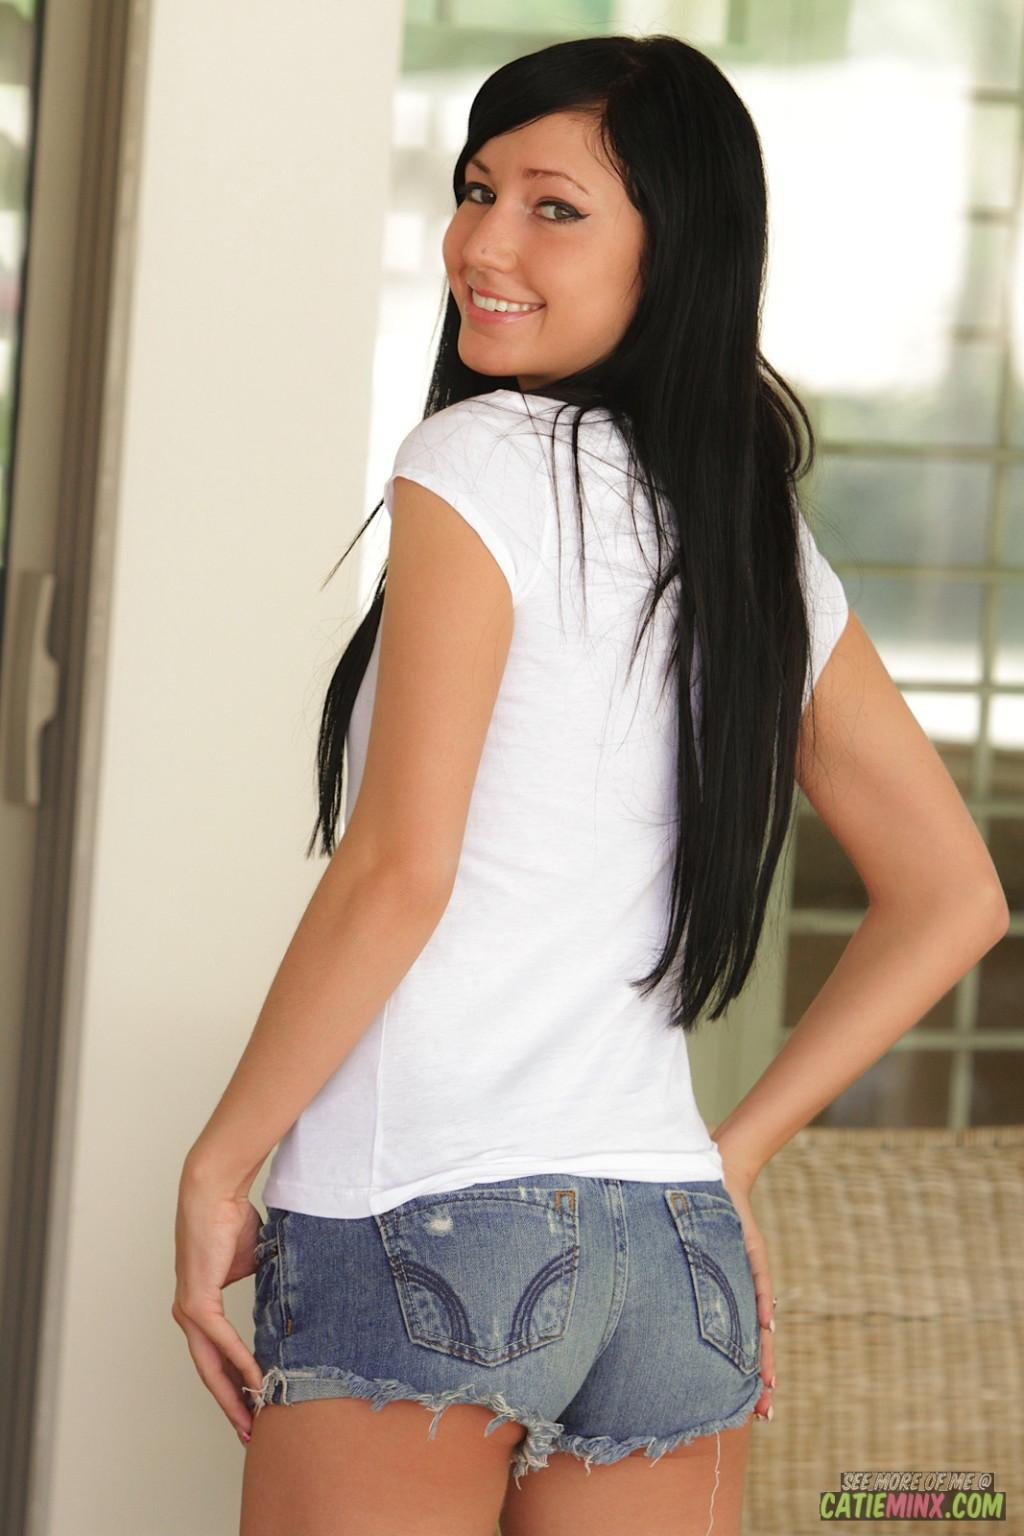 Catie Minx - Галерея 3360838